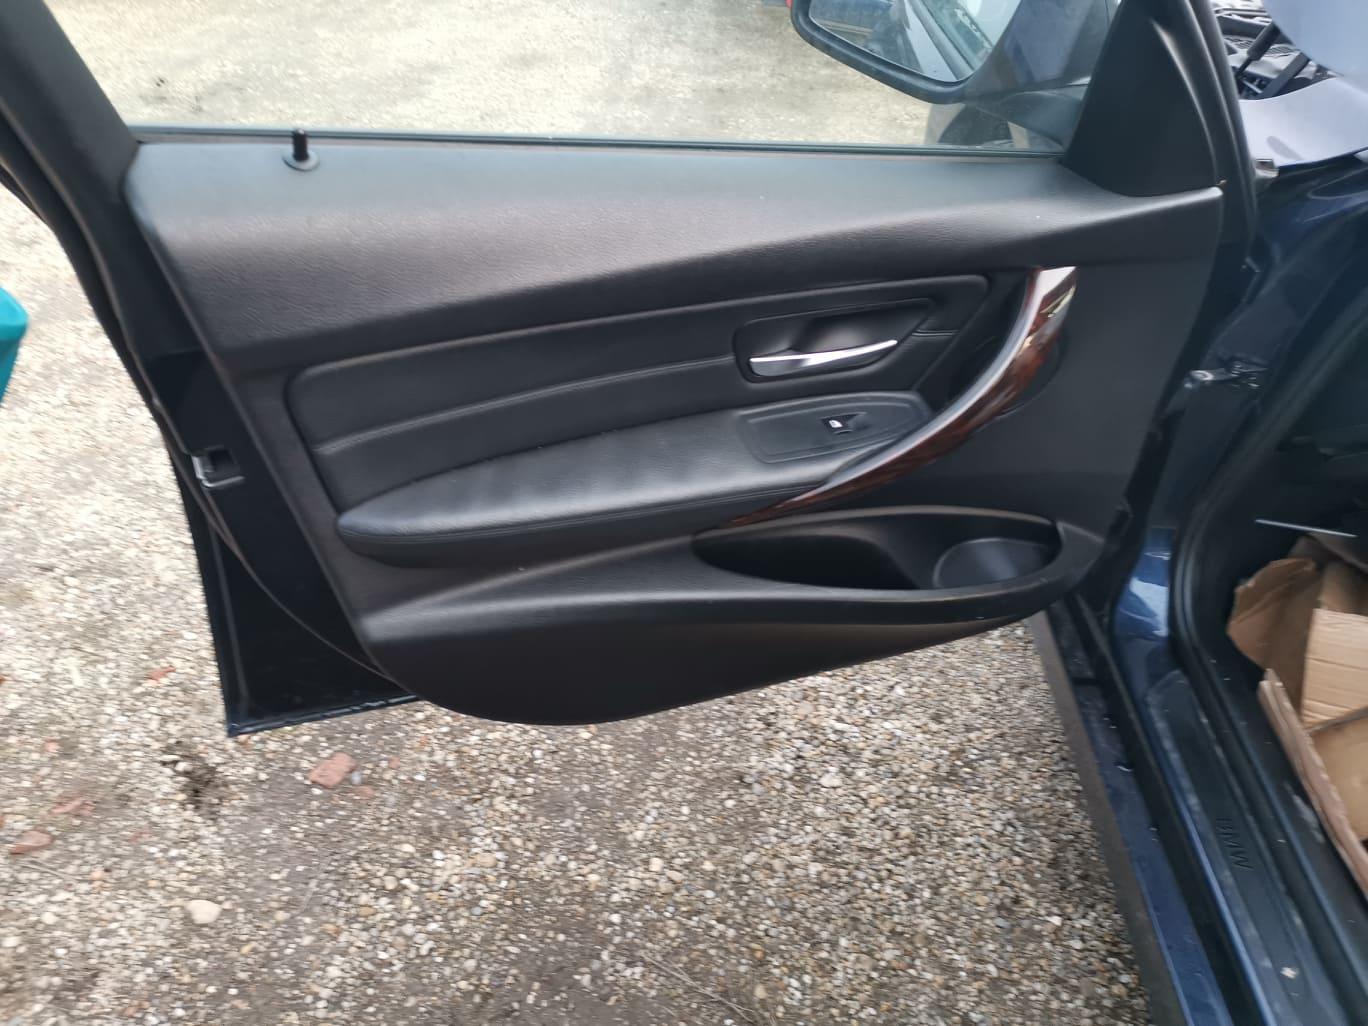 BMW alkatrészek - BMW F30 320D - Ajtó - Carbon Car Center Kft. Békéscsaba 009